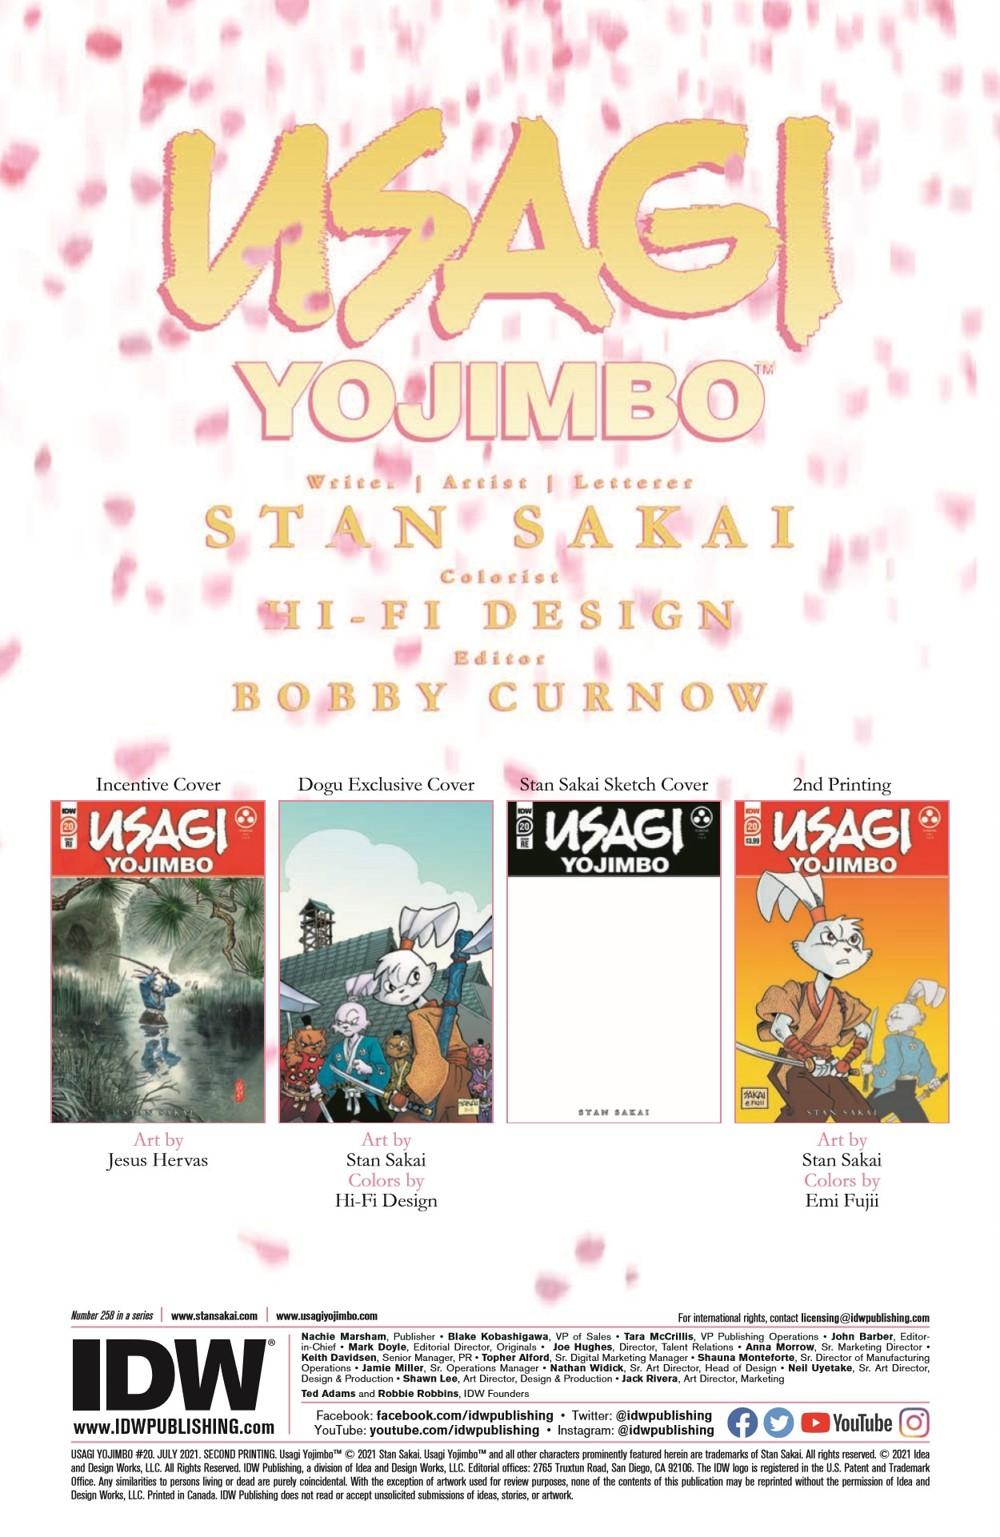 Usagi20_2nd_pr-2 ComicList Previews: USAGI YOJIMBO #20 (2ND PRINTING)